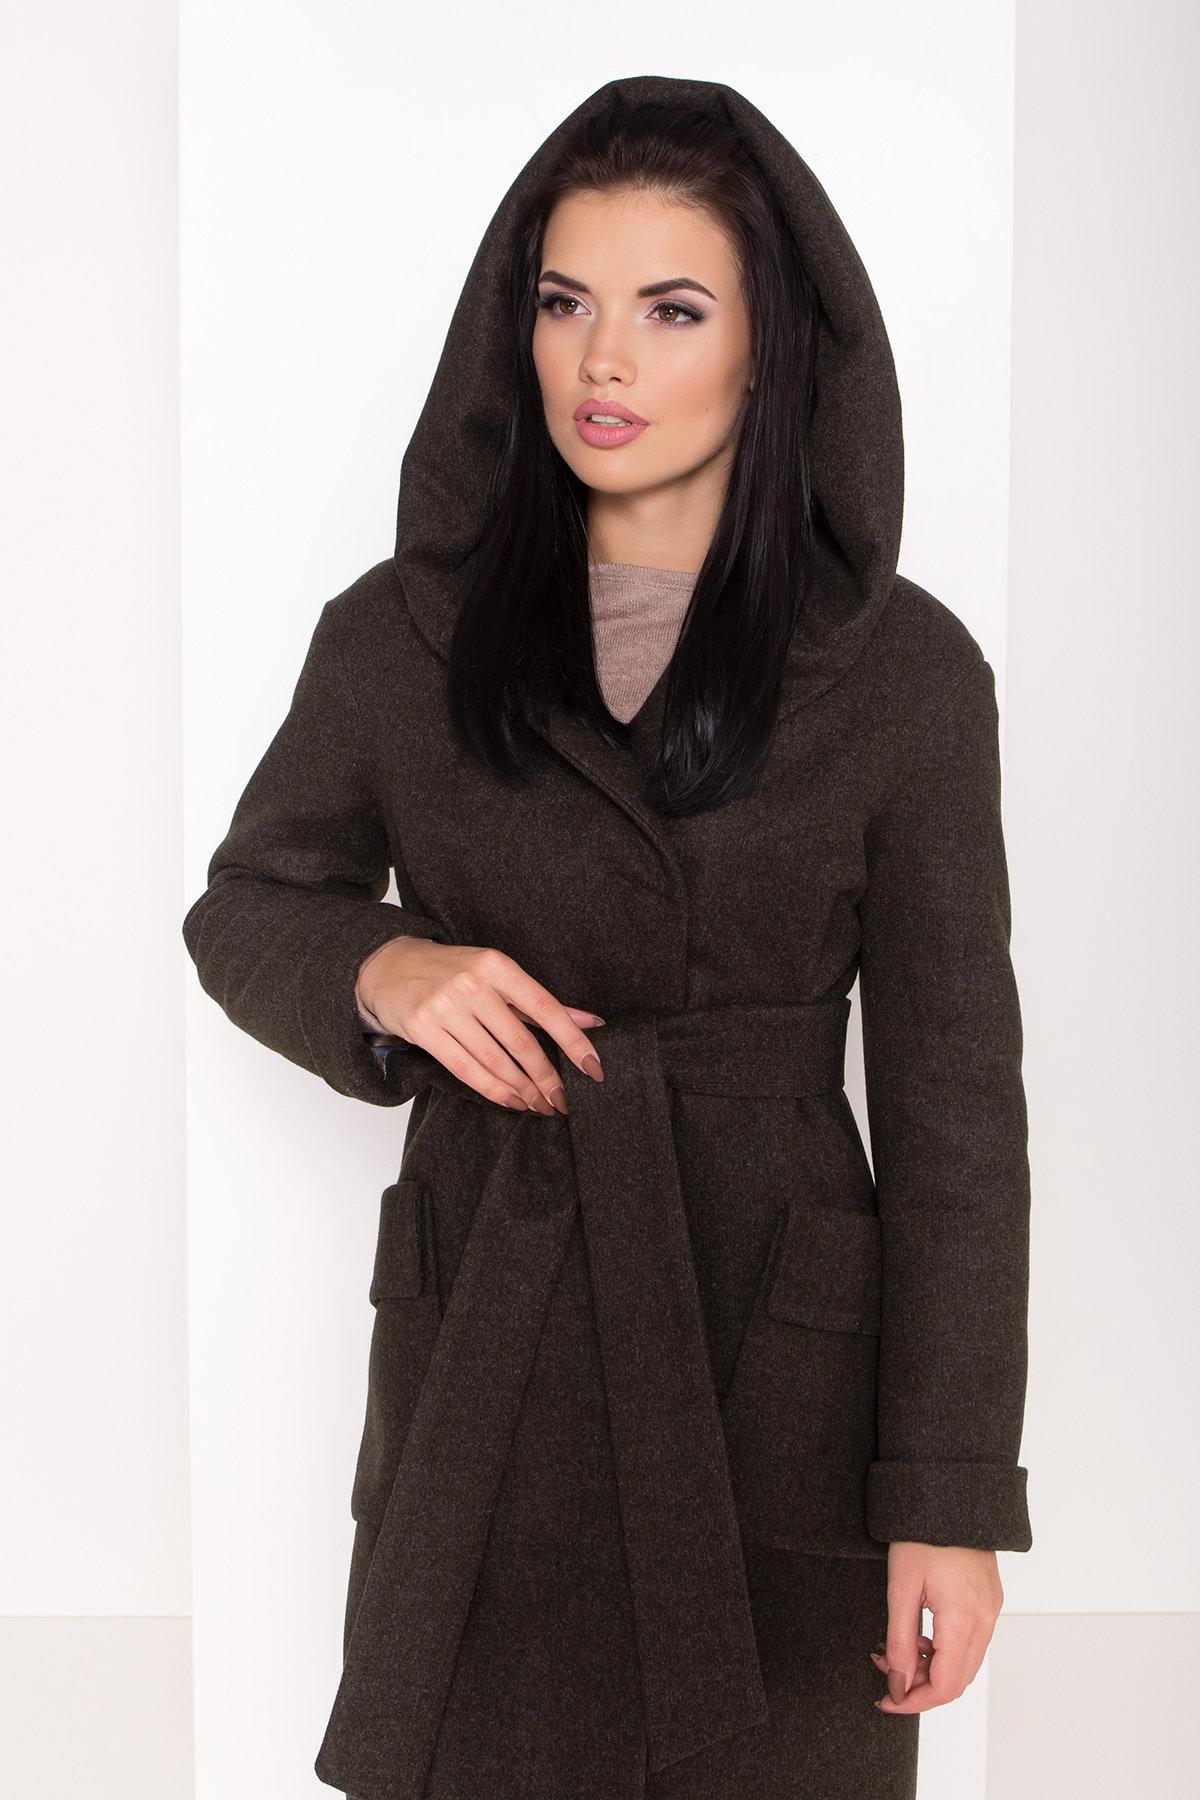 Женское пальто зима с накладными карманами Анджи 8299 АРТ. 44424 Цвет: Хаки - фото 5, интернет магазин tm-modus.ru